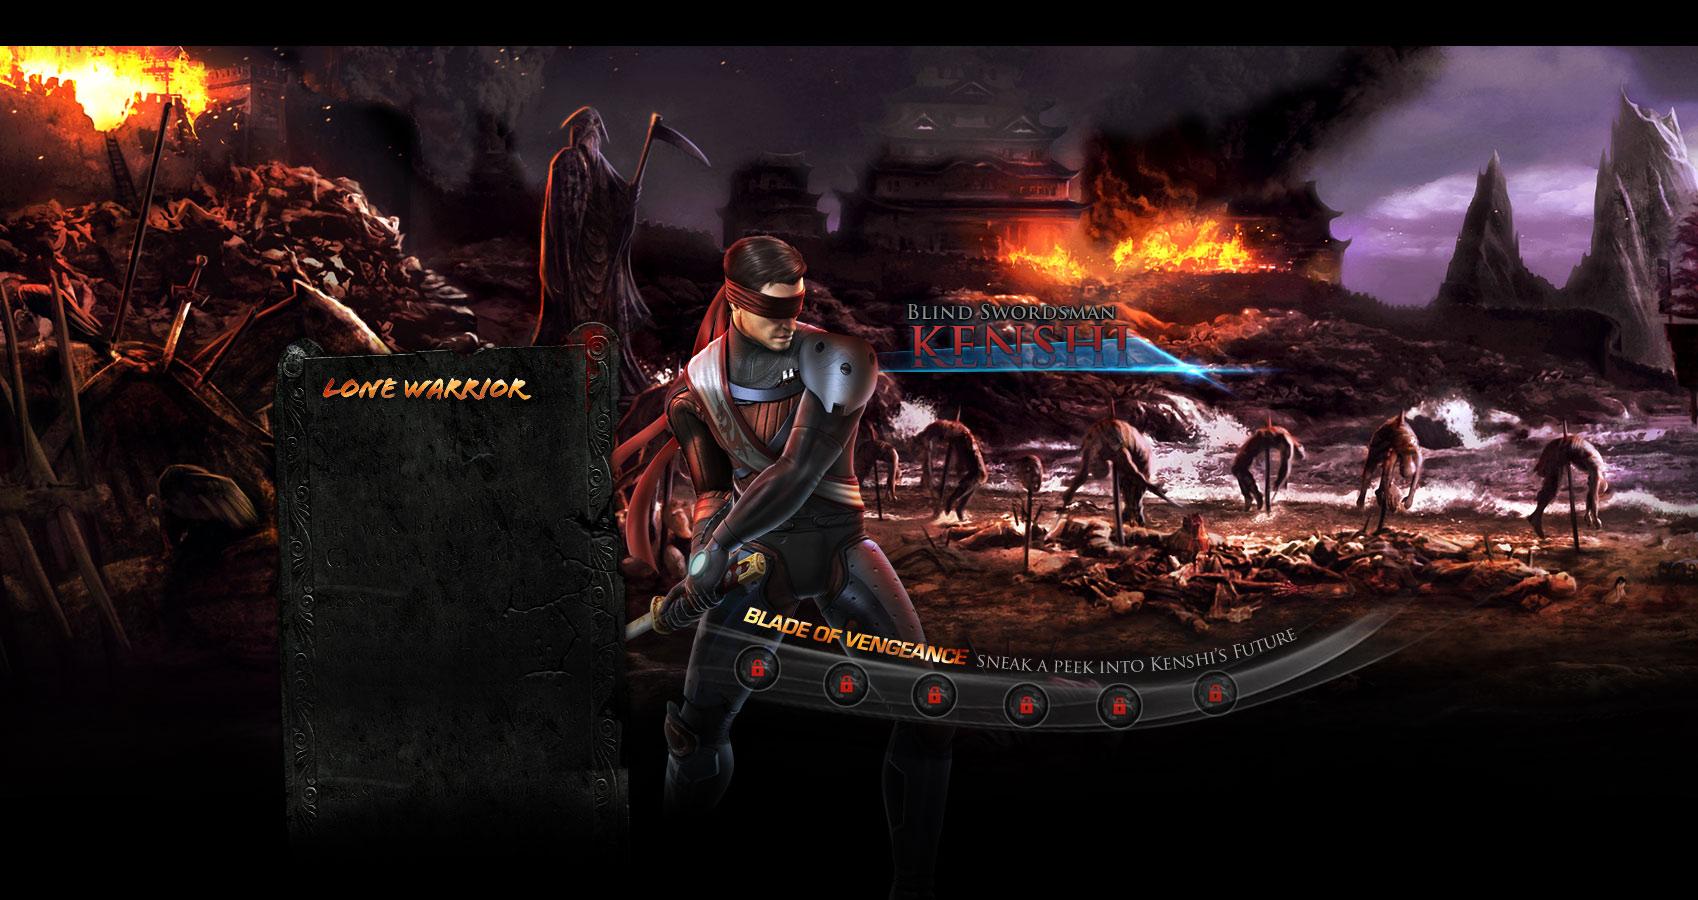 Kenshi Renders Wallpaper And Bio Skarlet Wallpaper Mortal